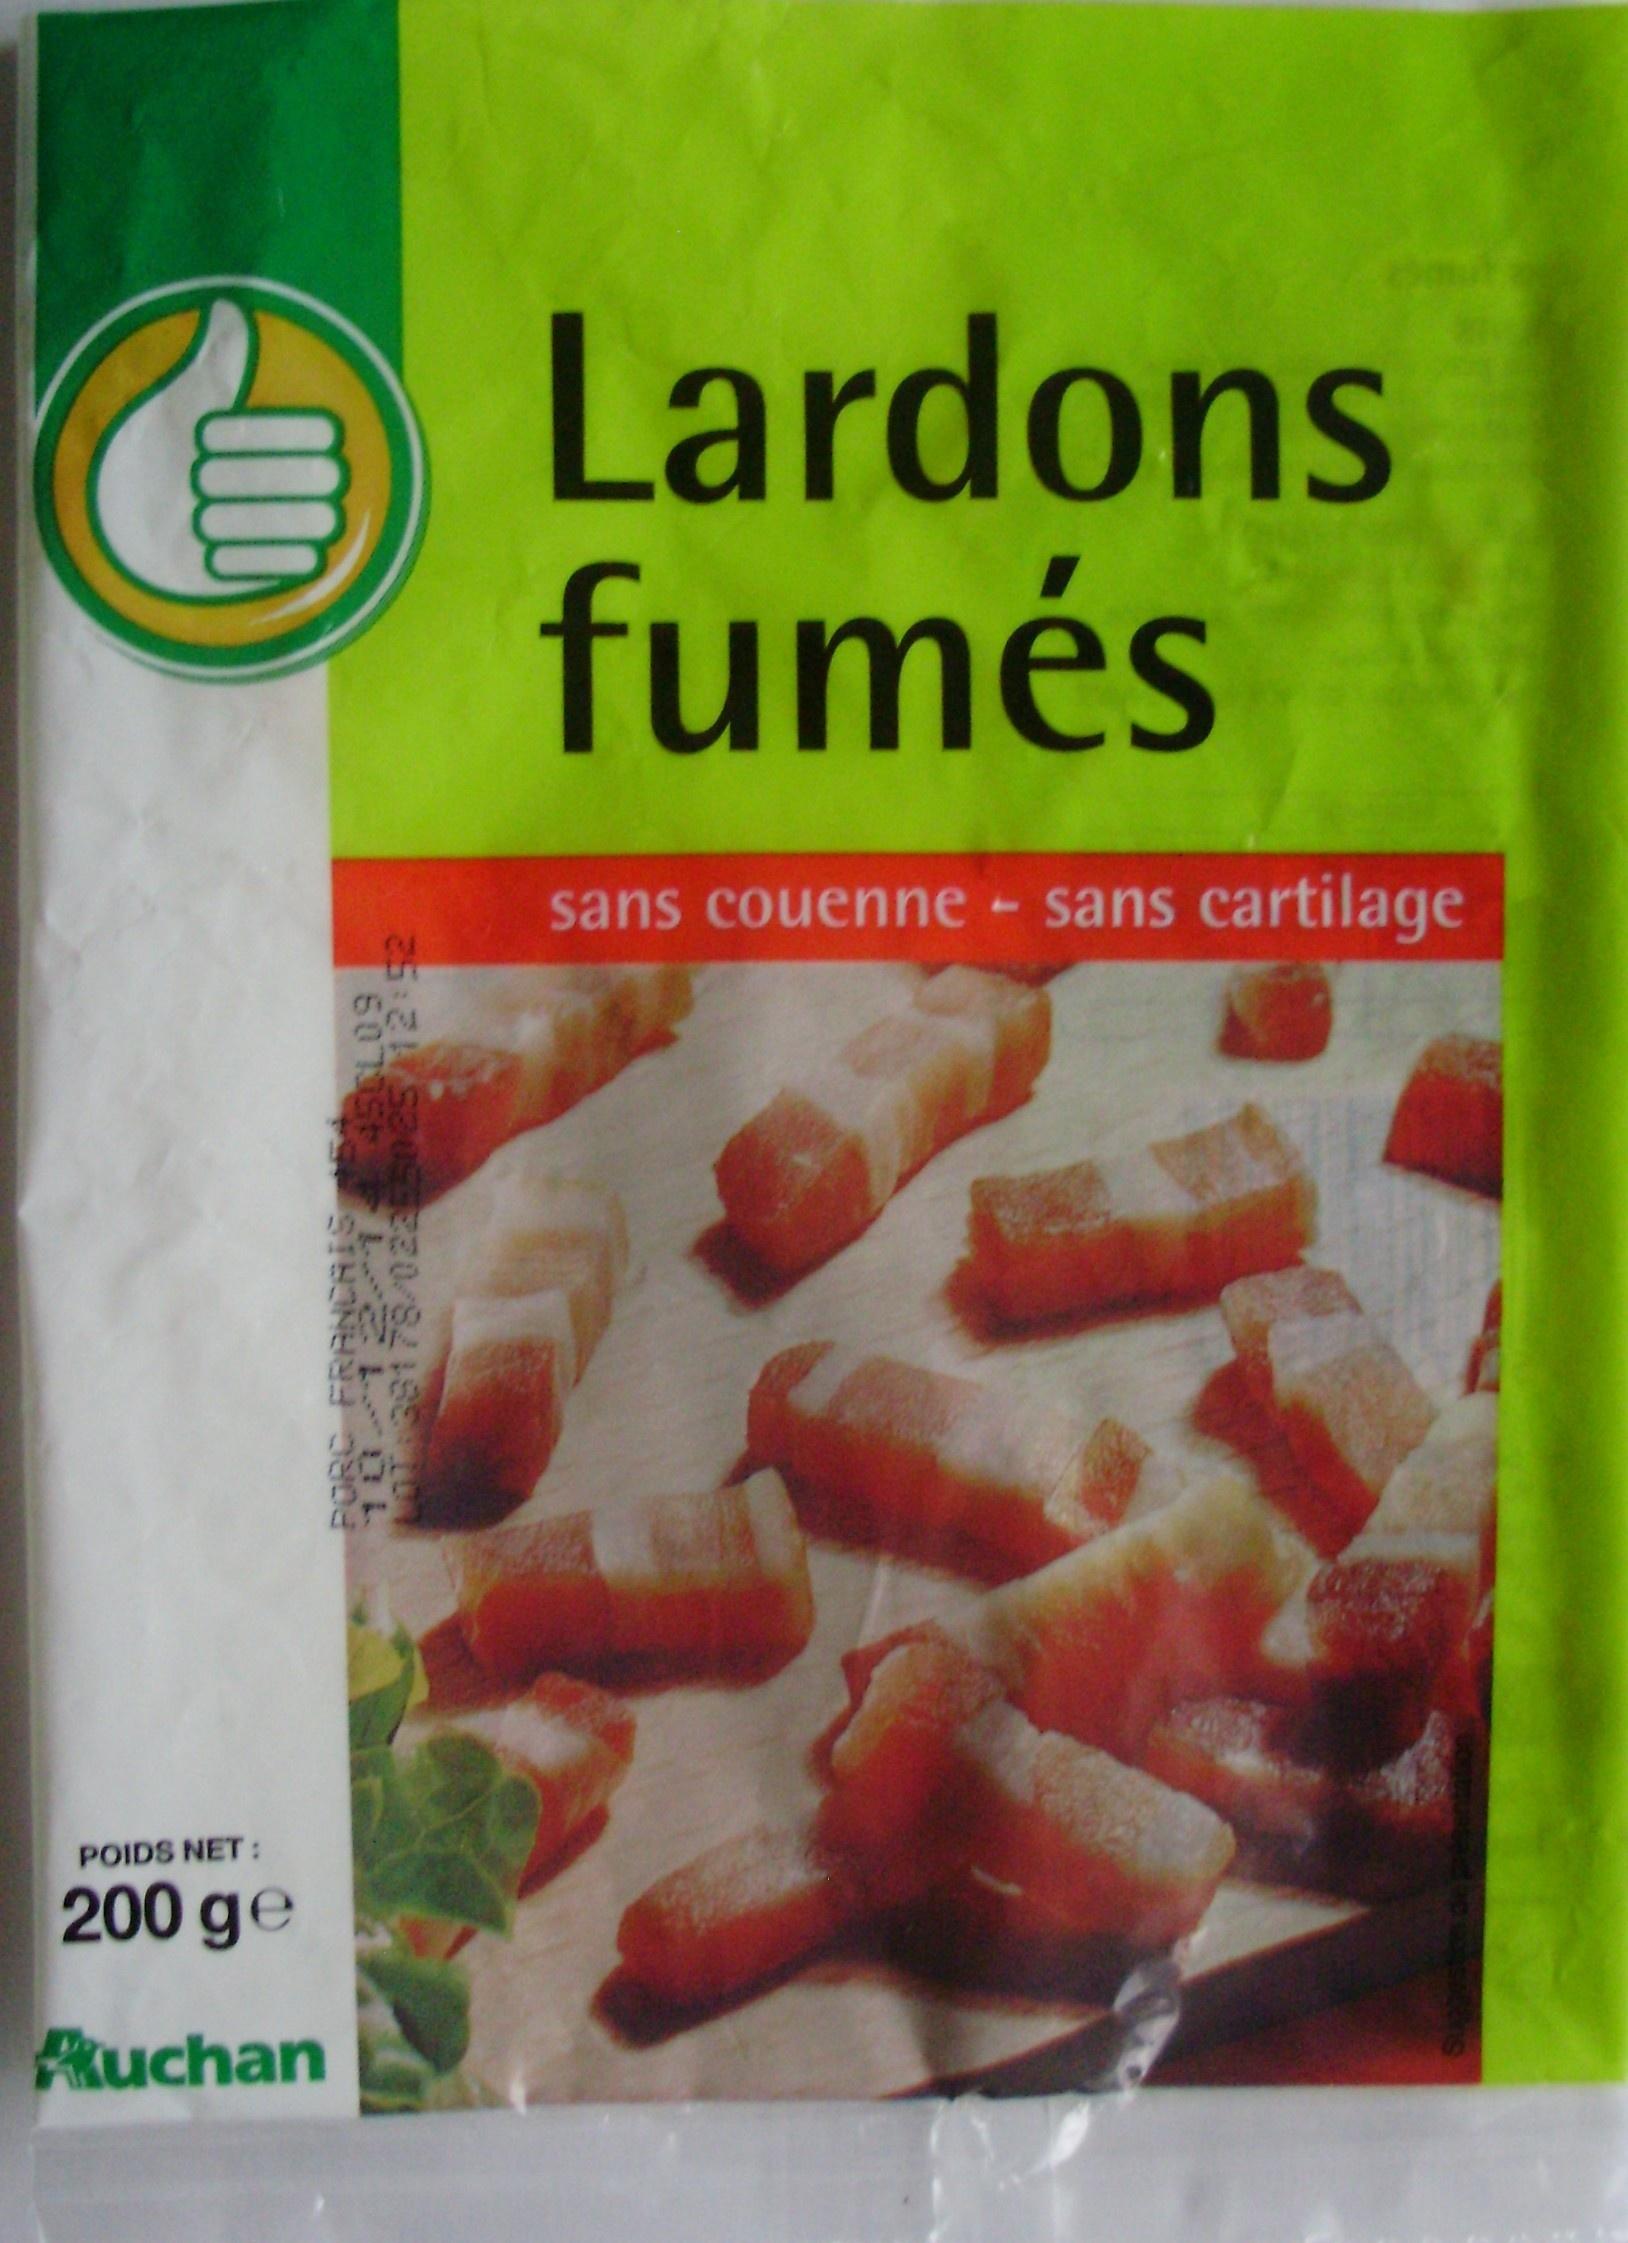 Lardons fumés (sans couenne, sans cartilage) - Product - fr